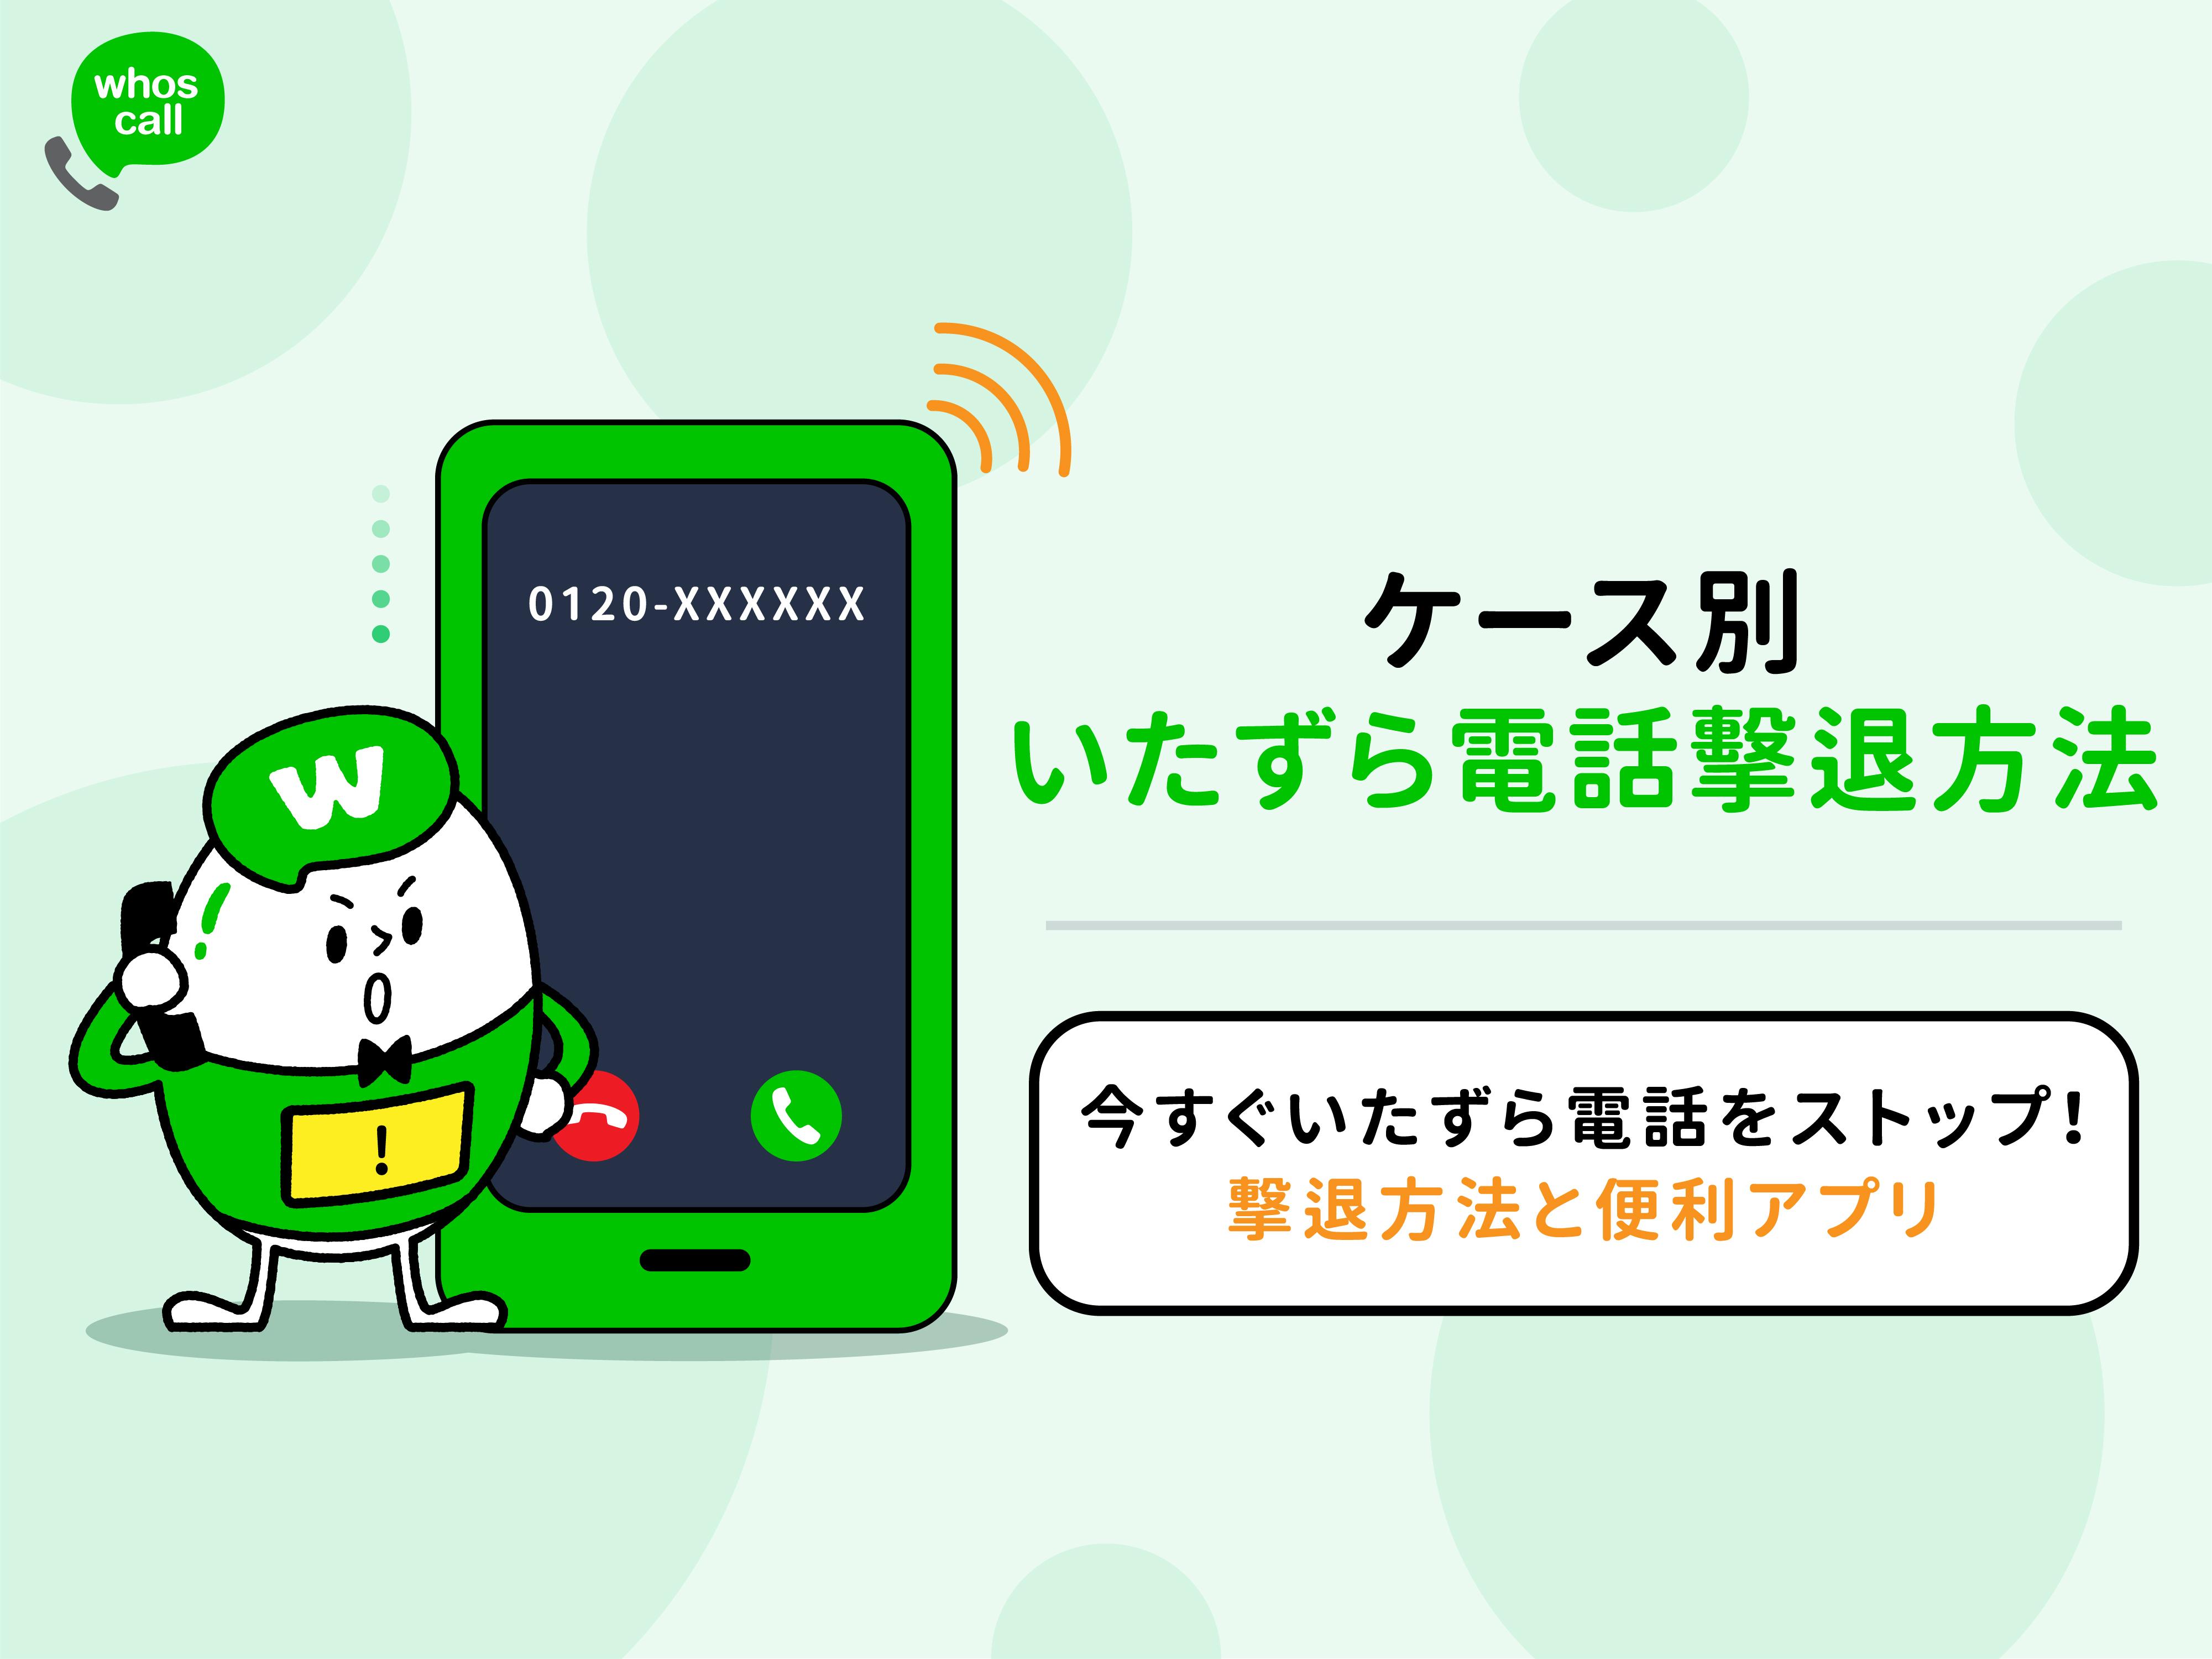 いたずら電話対策!効果的な対策方法や今すぐ使えるいたずら電話対策便利アプリまで